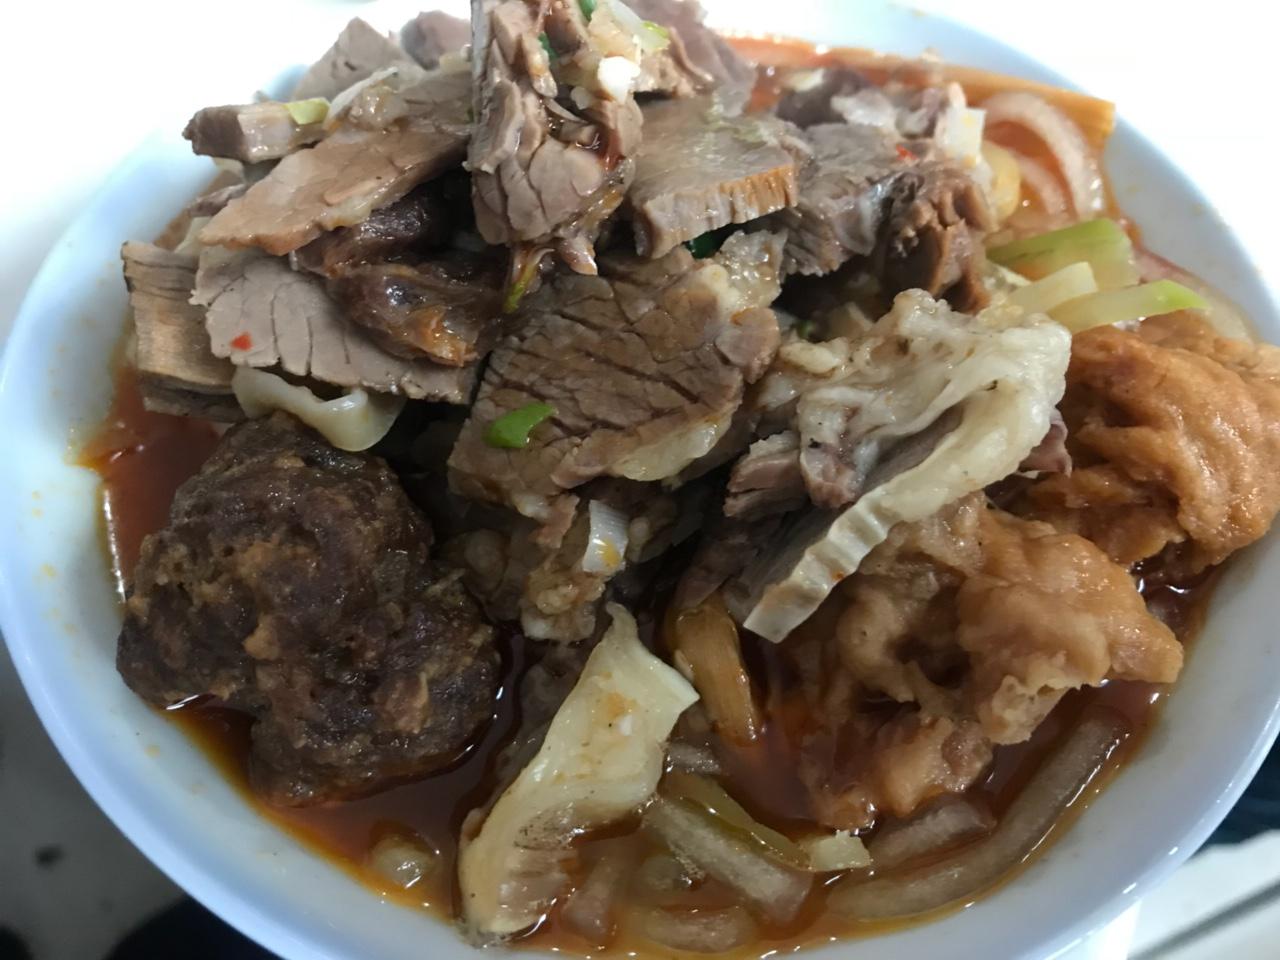 【舌尖上的张家川】果碟牛肉+萝卜烩菜=民间豪华套餐